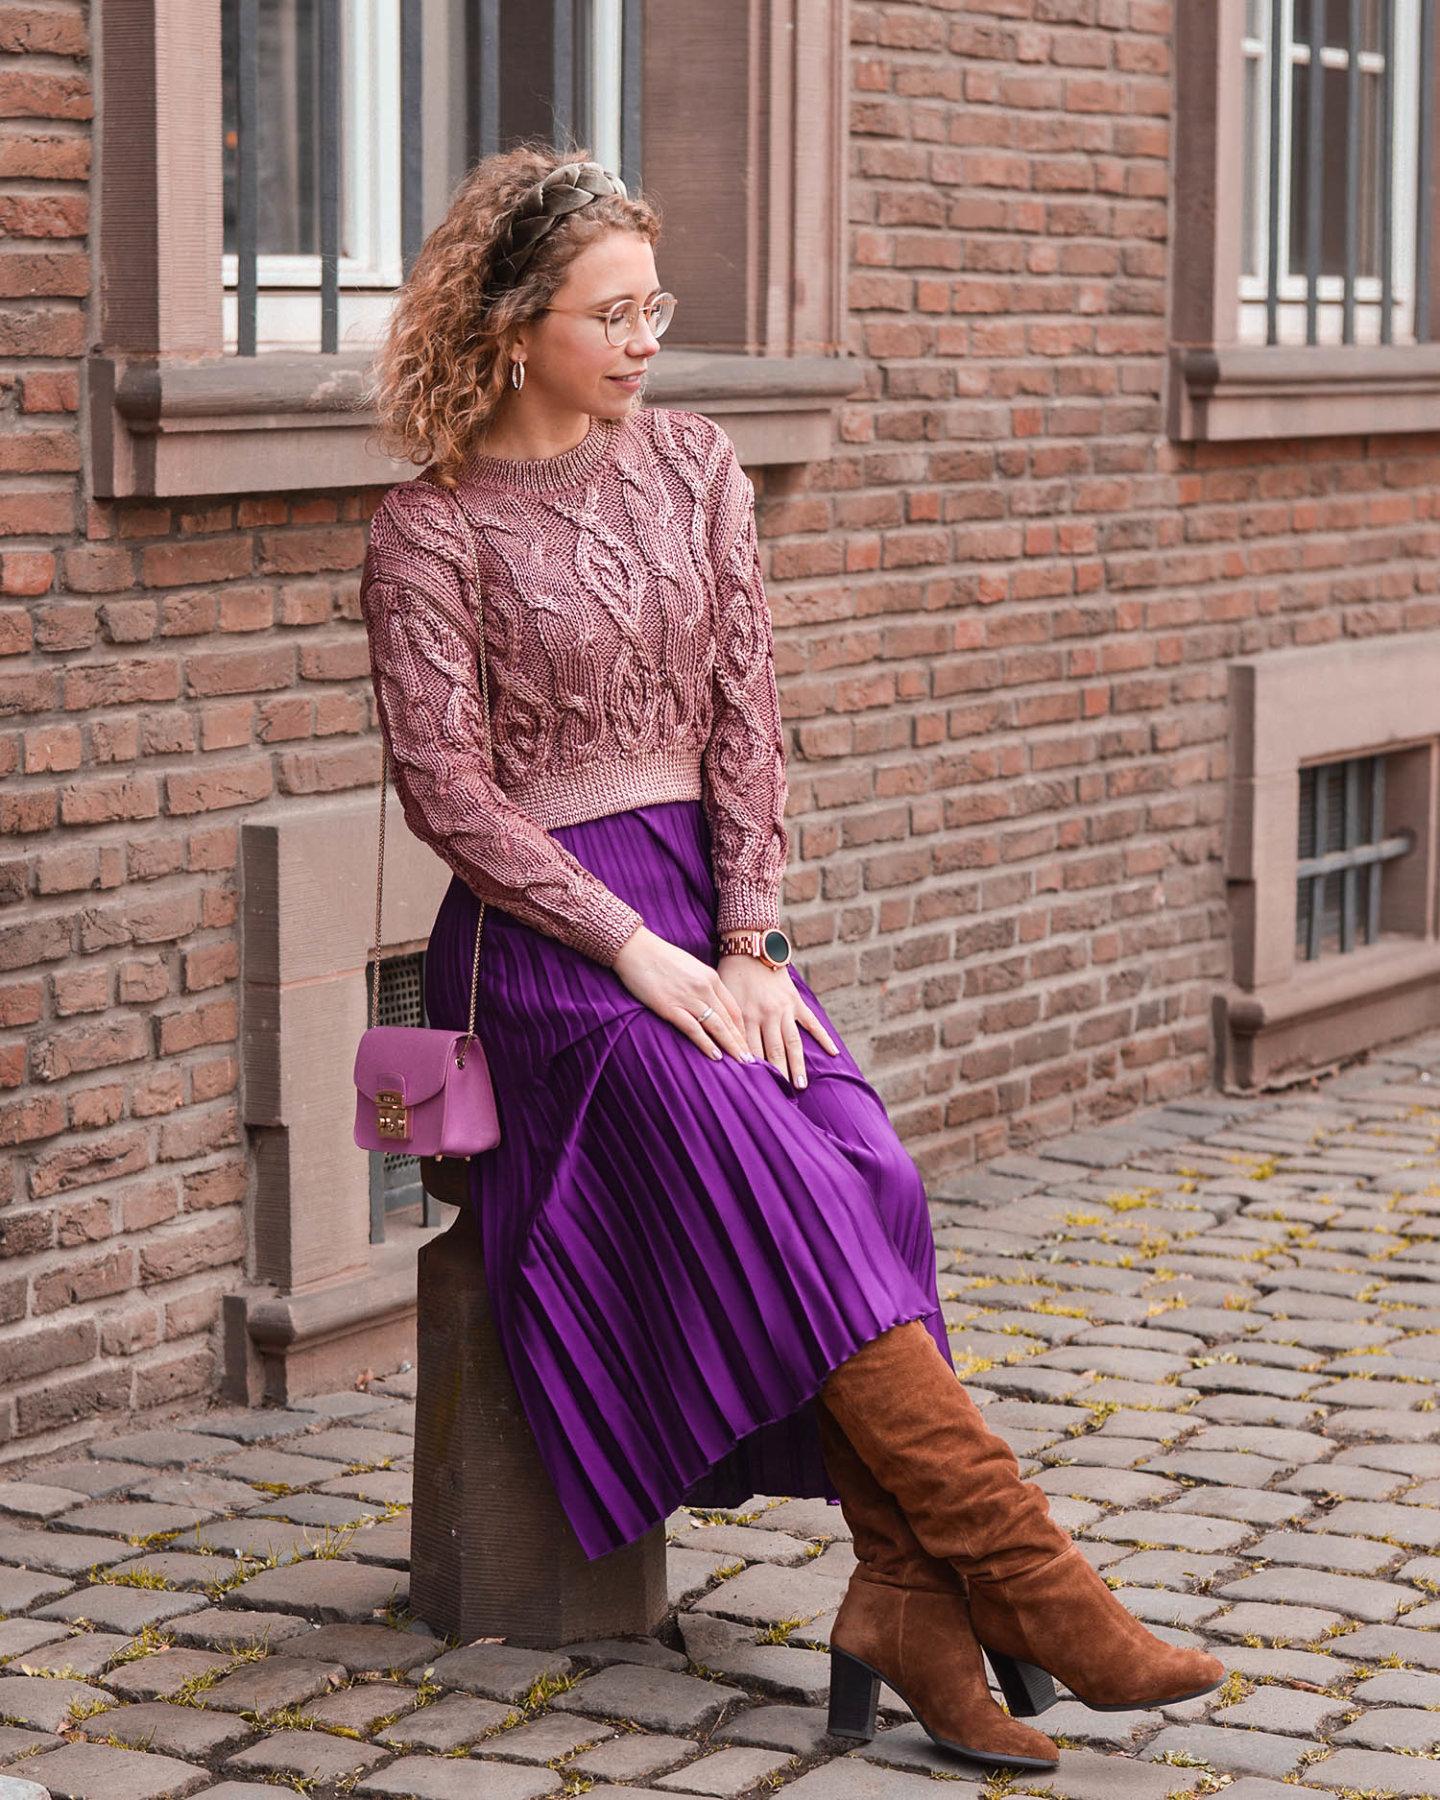 stiefel, plisseerock und cropped pullover